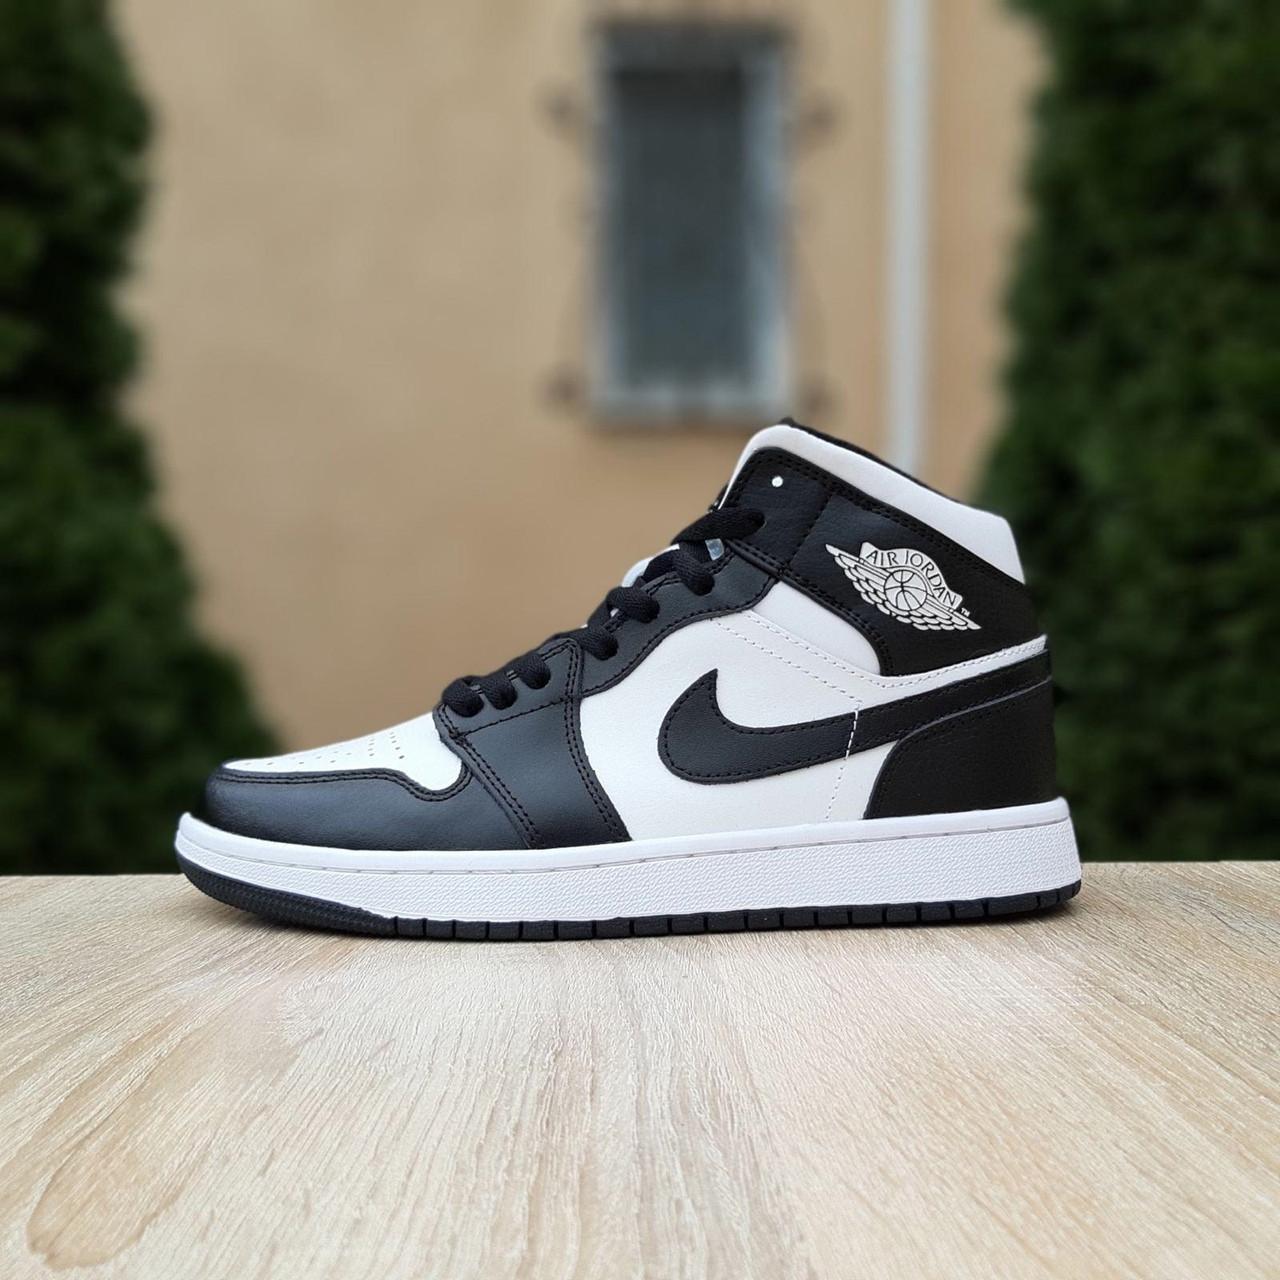 Чоловічі кросівки Nike Air Jоrdan 1 Retro High